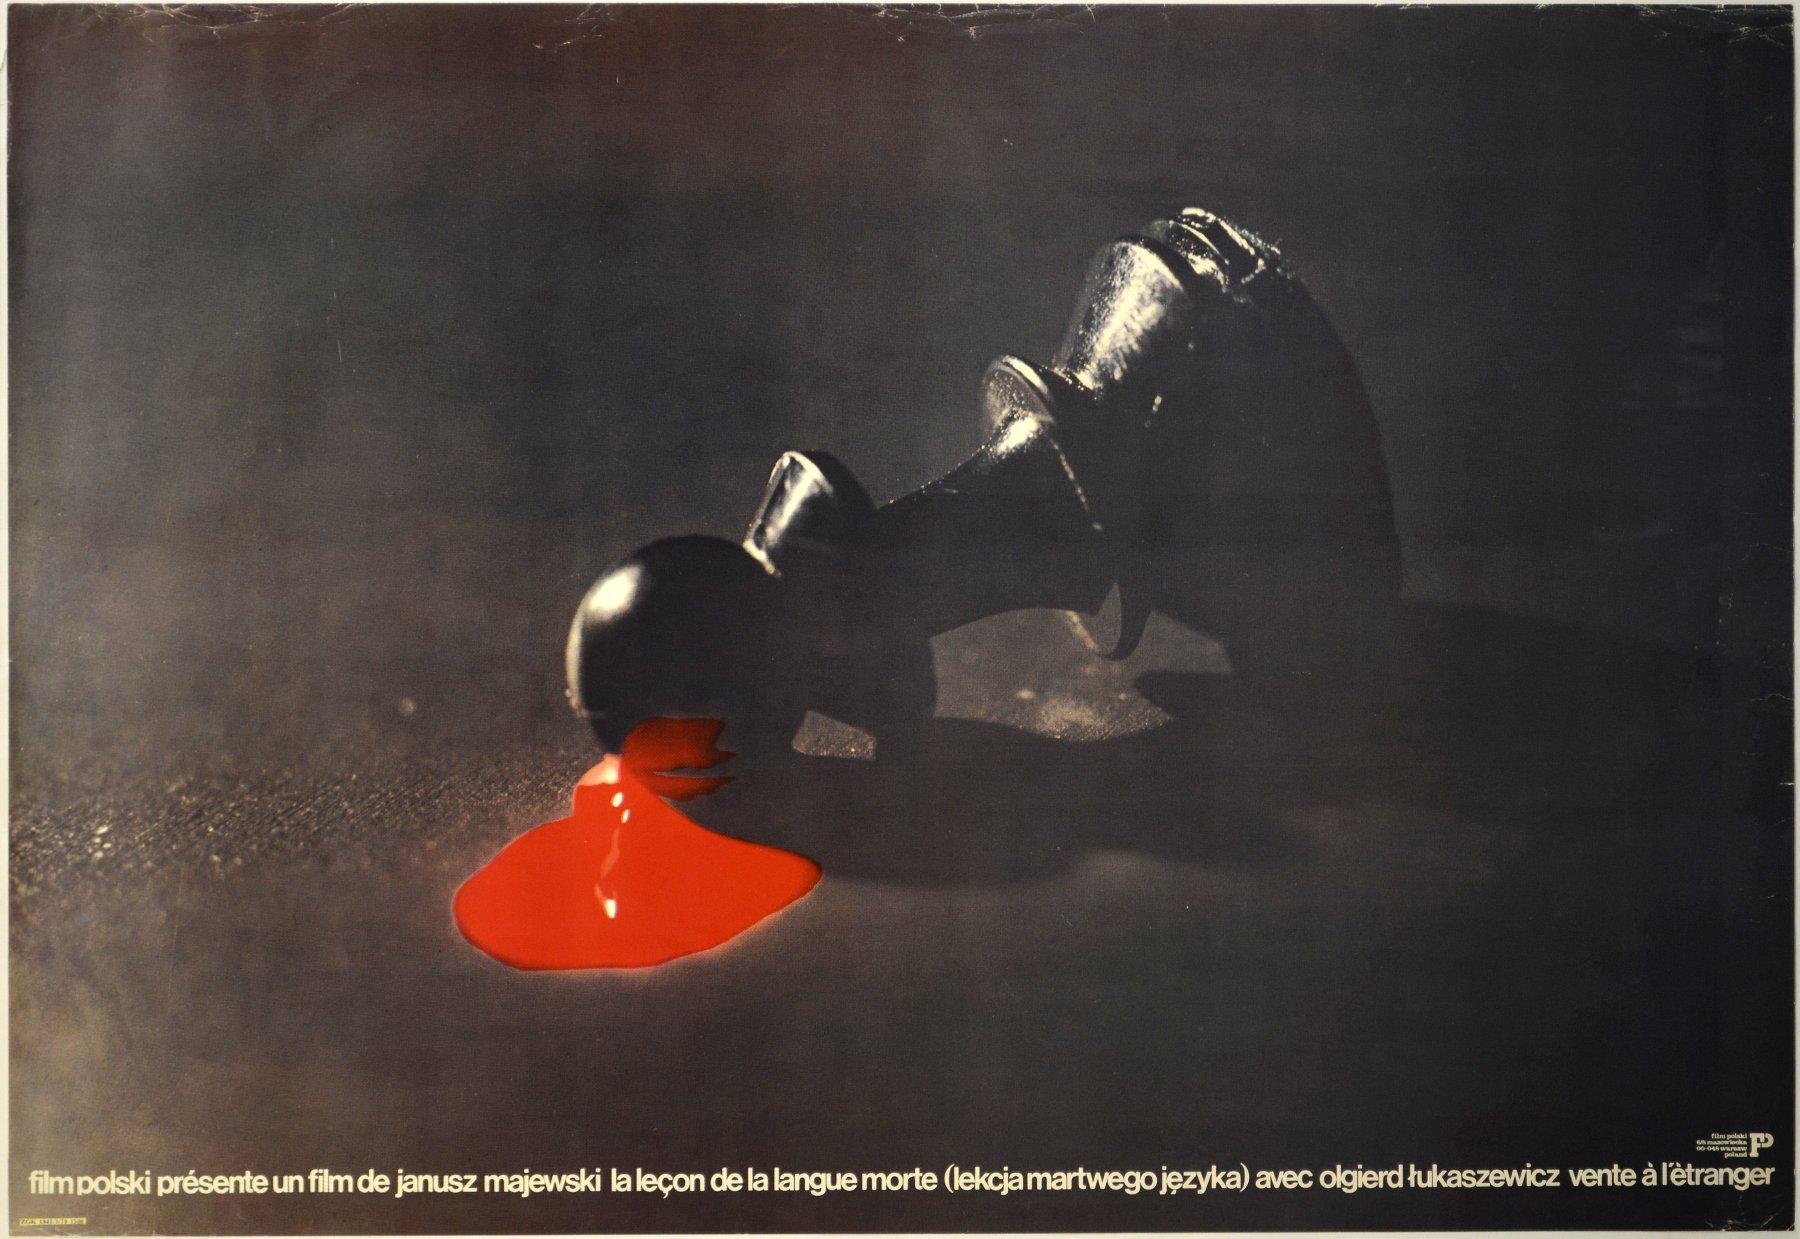 Lekcja martwego języka, 1979 r.